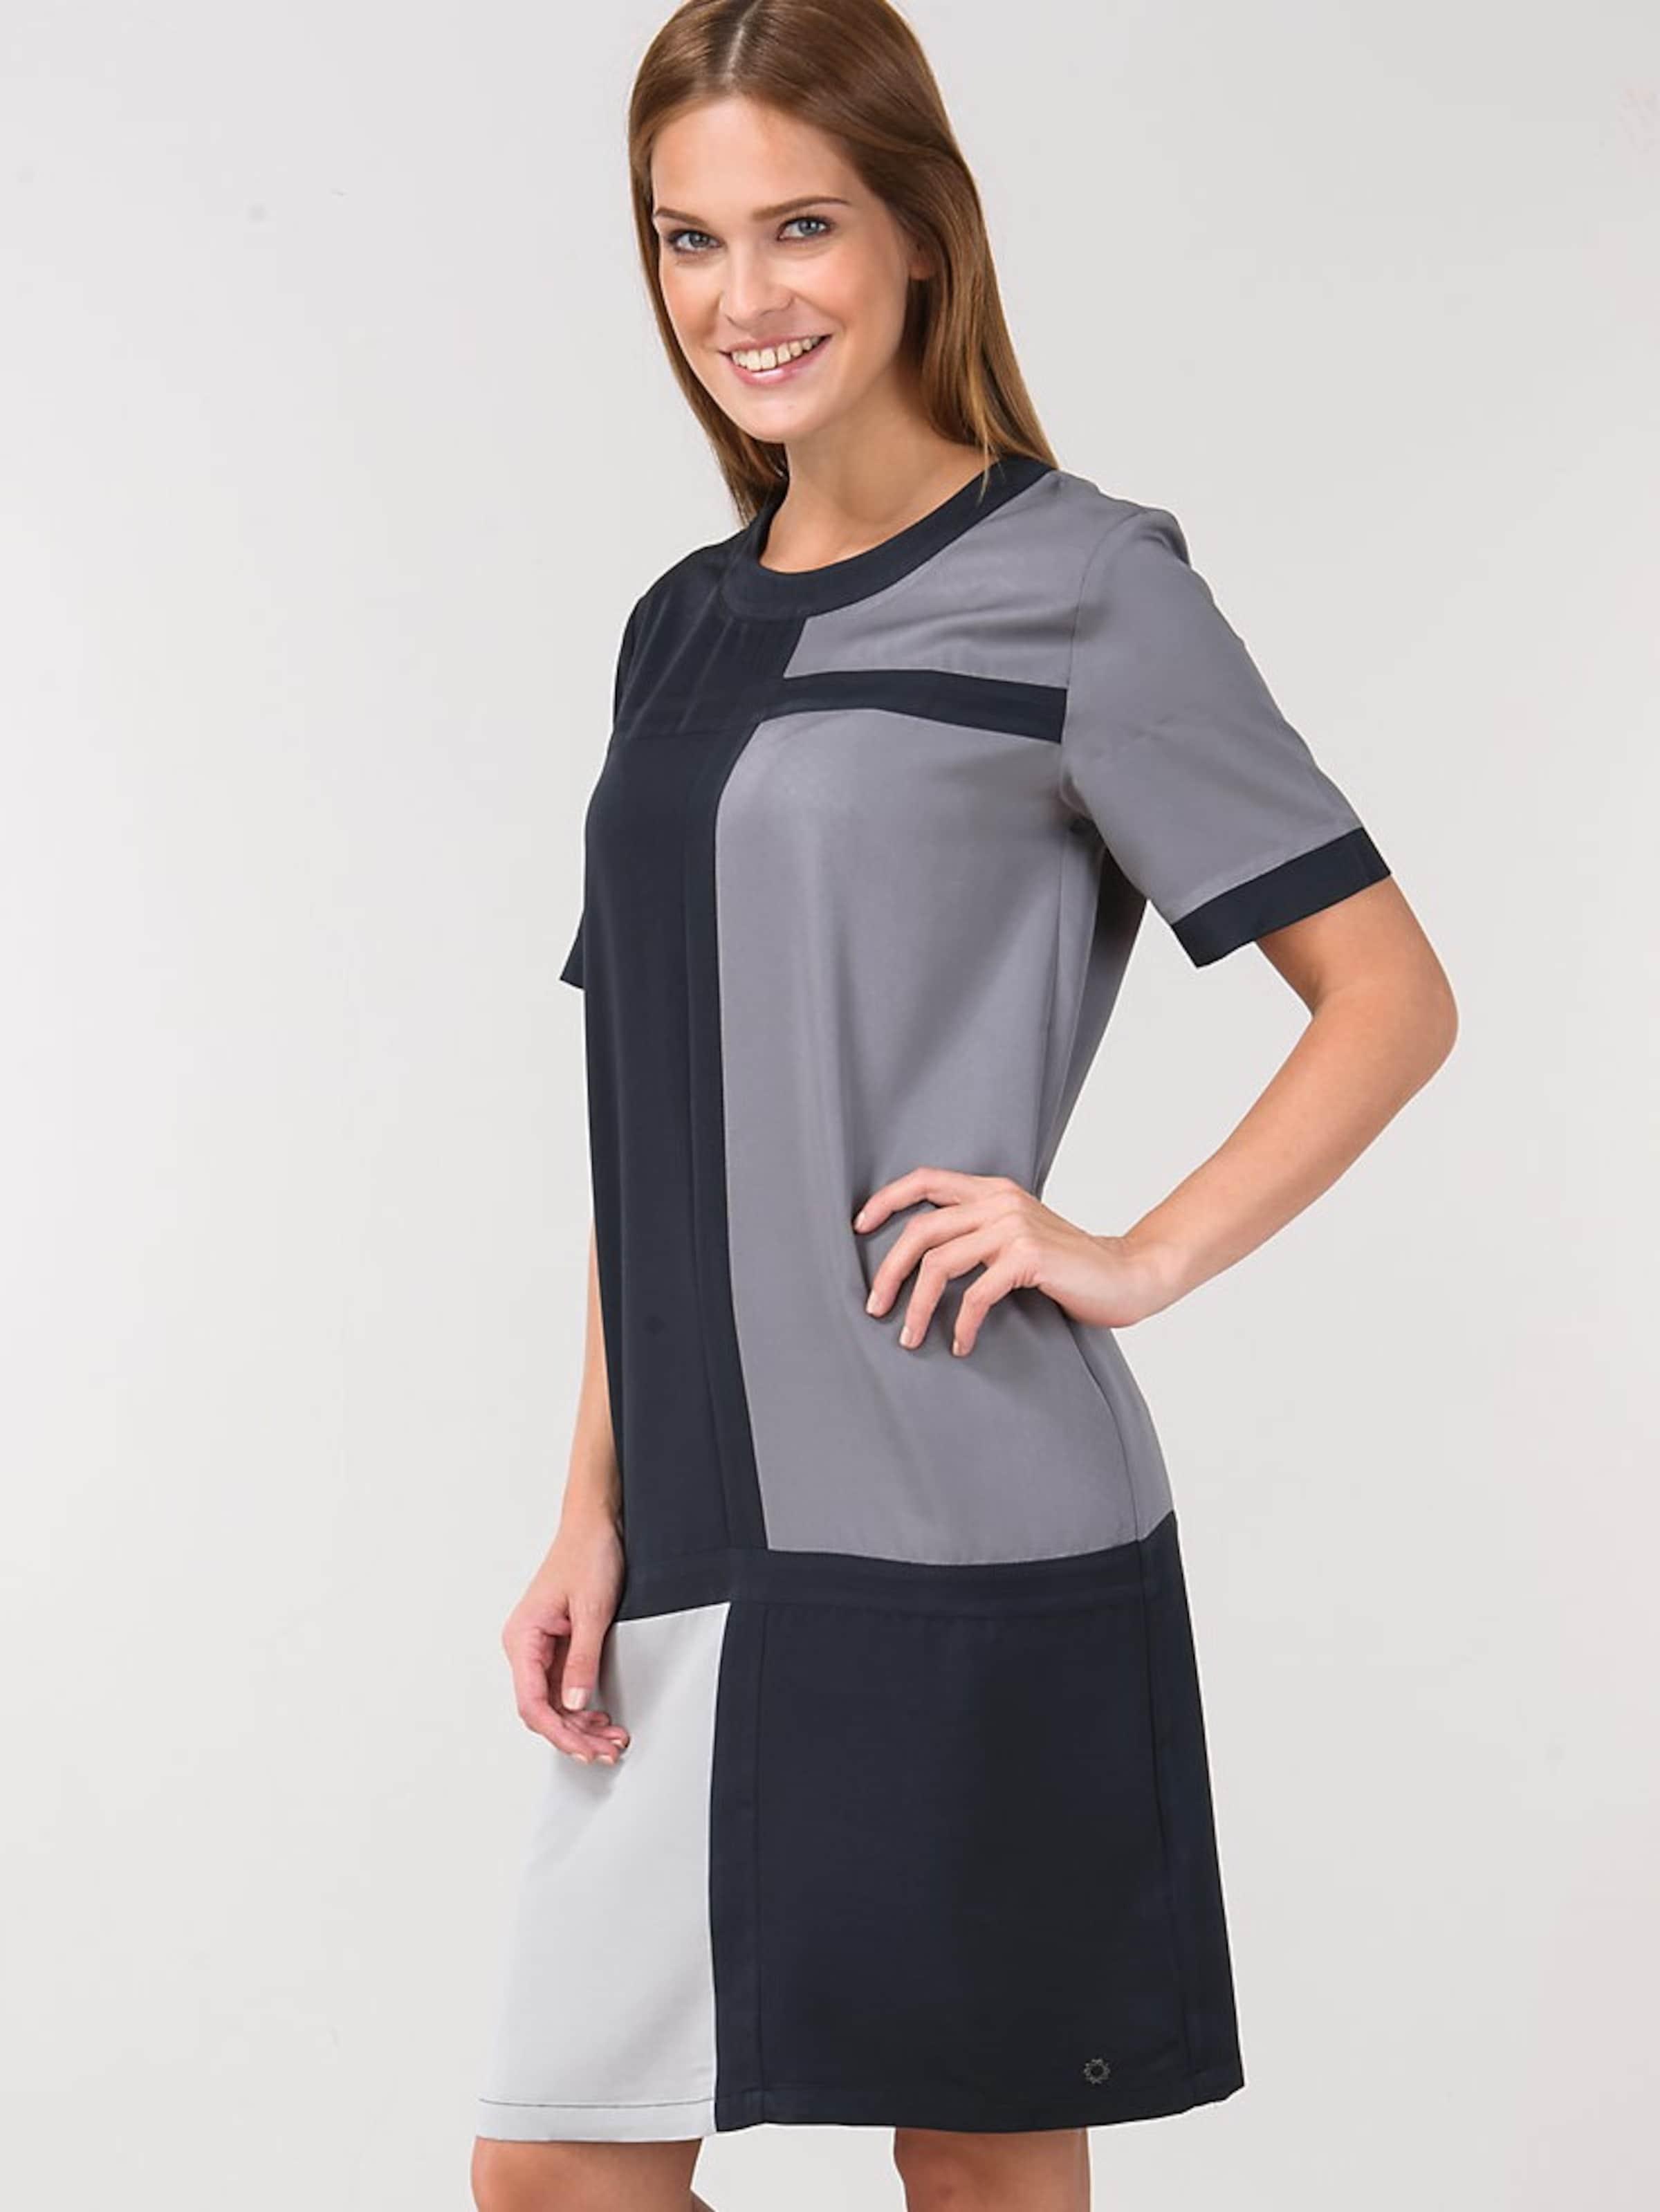 Kleid In Nümph Kleid Grau Rq35c4ajl In Grau Nümph Rq35c4ajl Kleid T1JuKcF3l